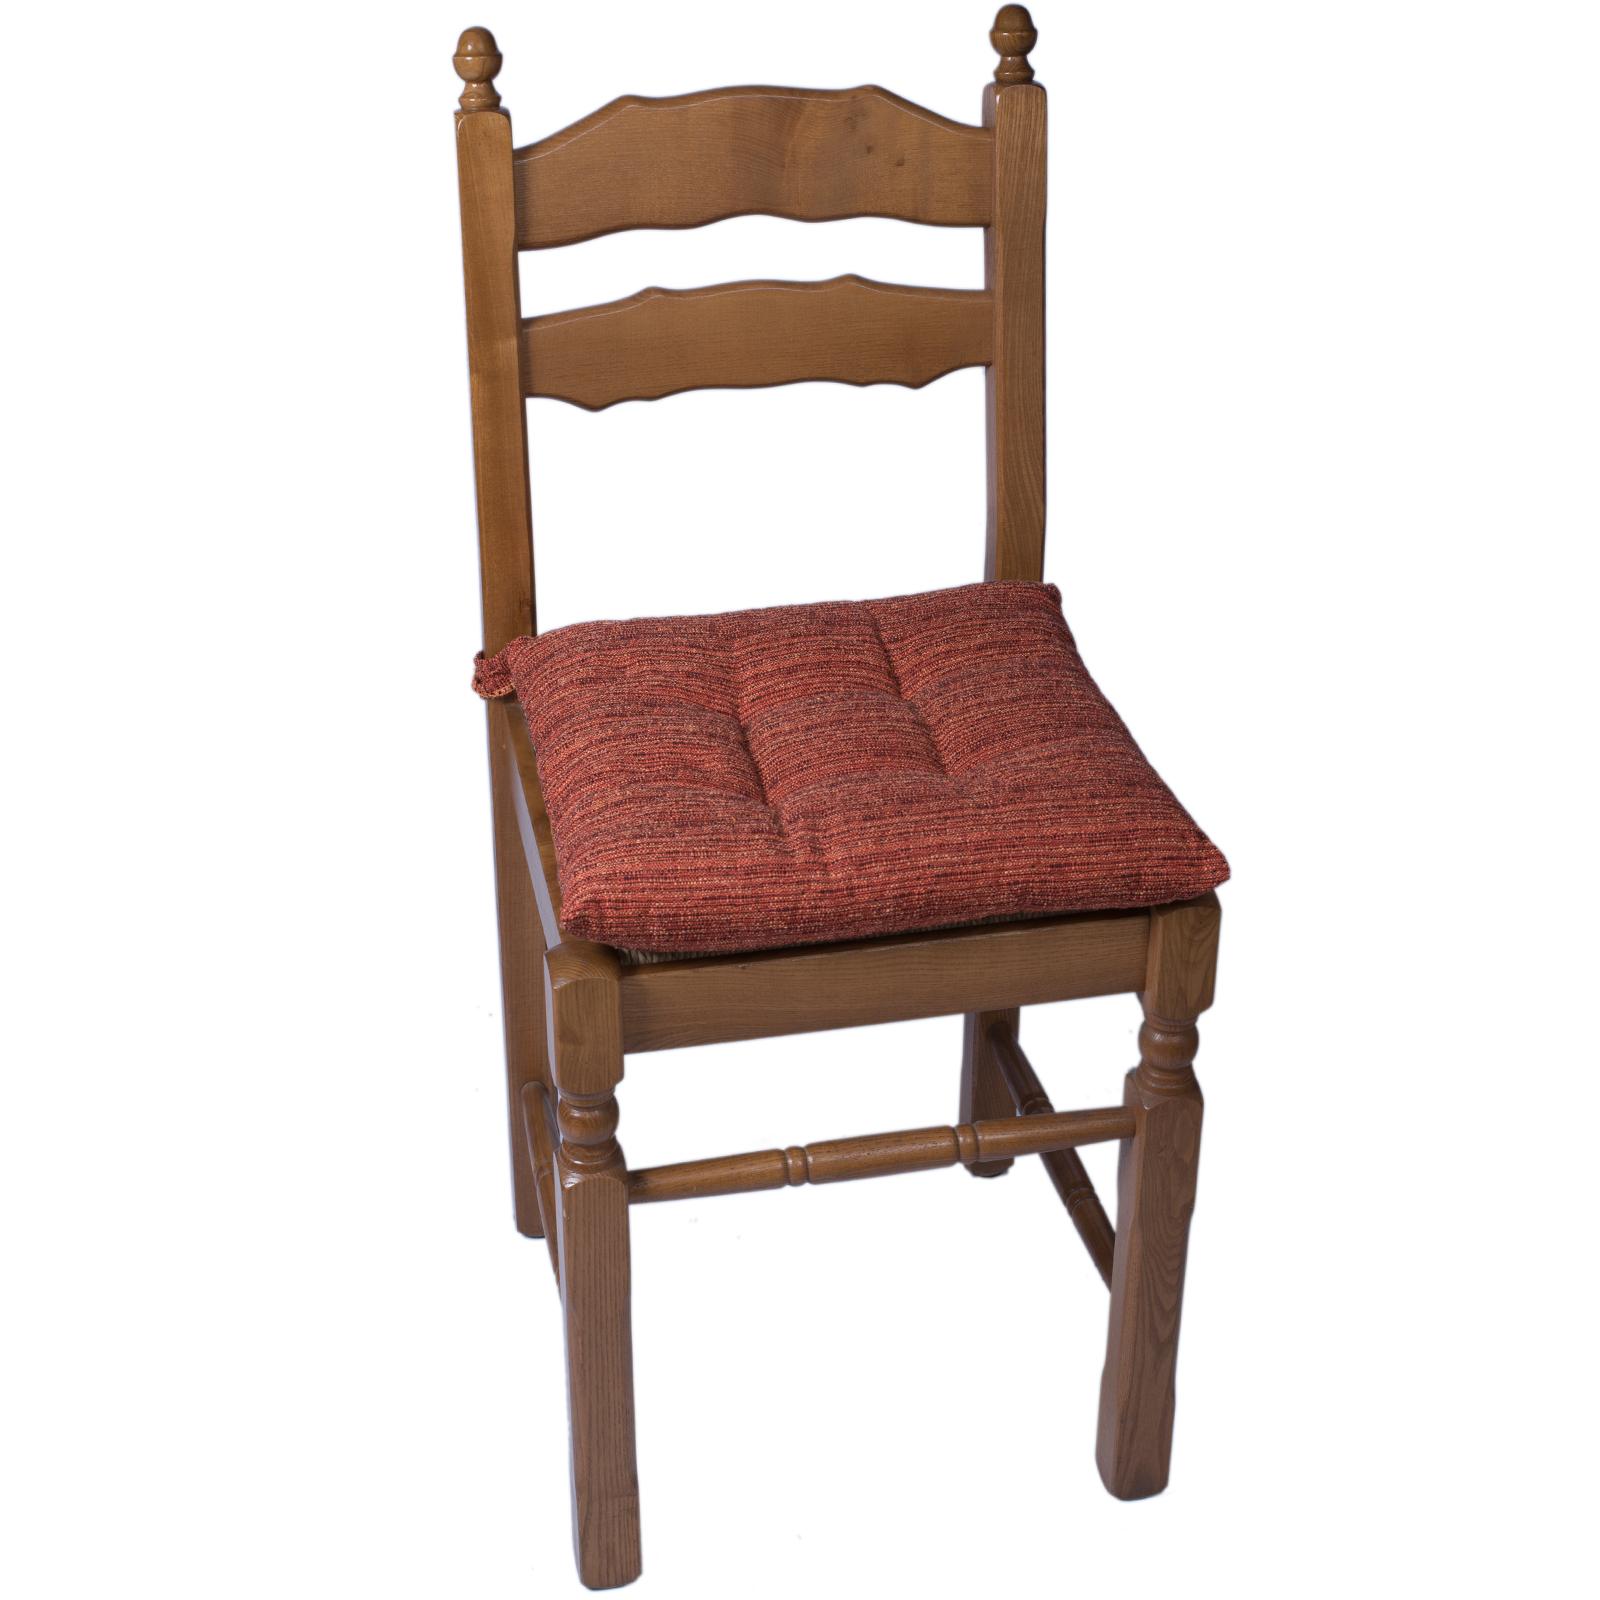 Cuscino sedia morbidotto melange cose di casa un mondo - Cuscino per sedia viola ...